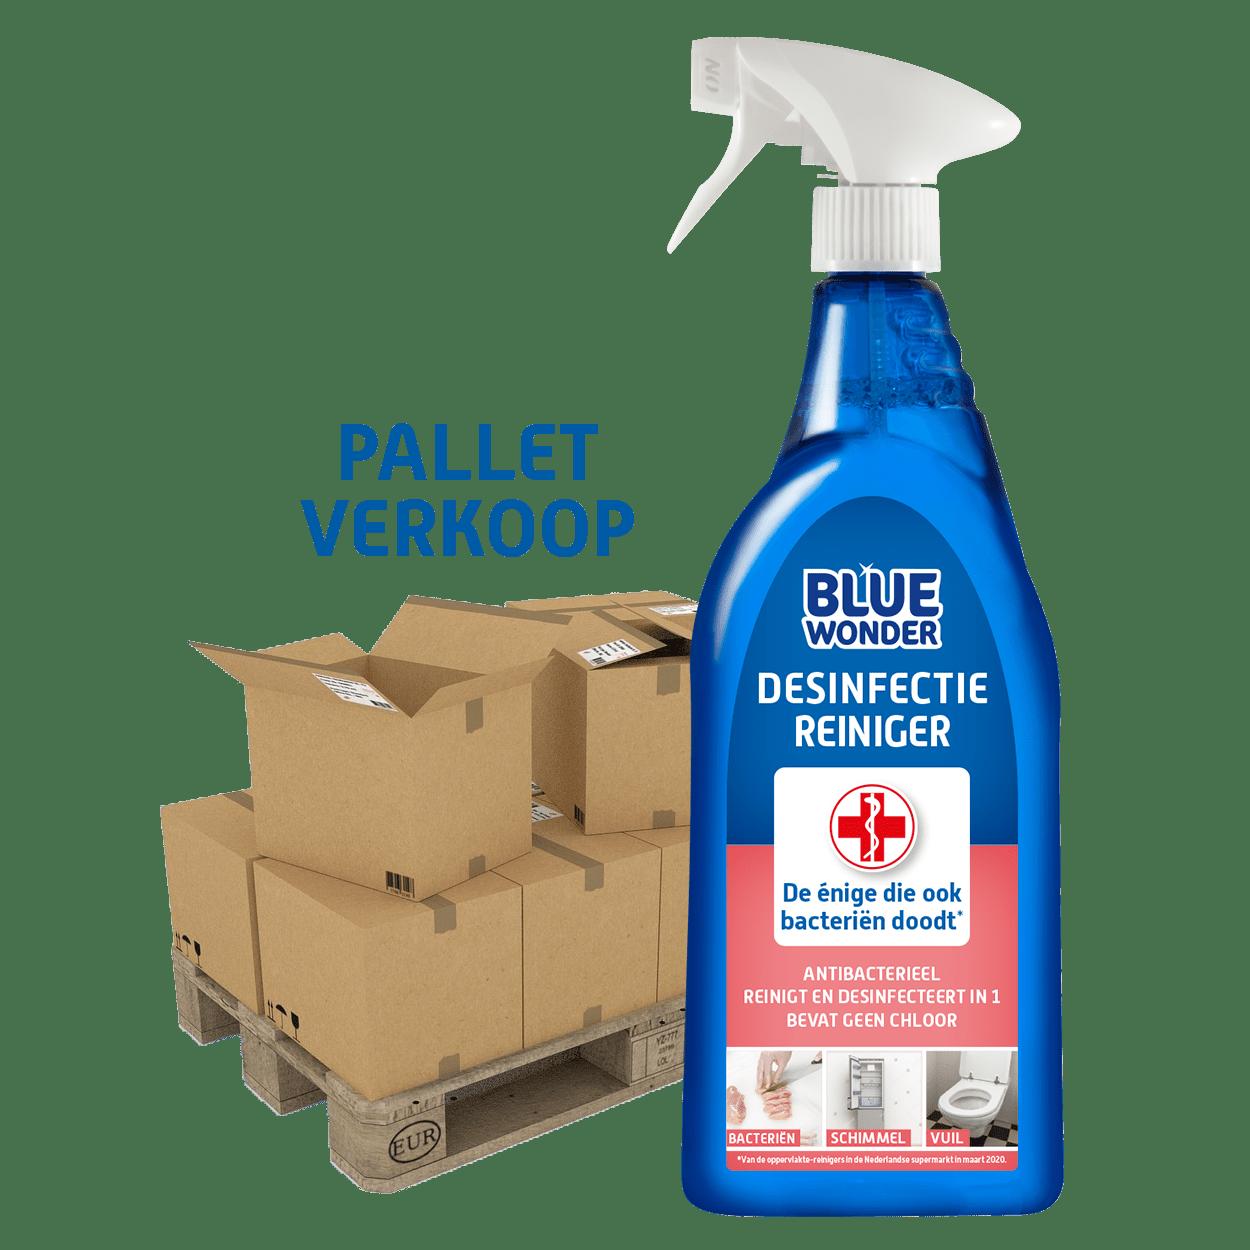 8712038000892_Blue-Wonder_Desinfectie-reiniger-spray_PALLET